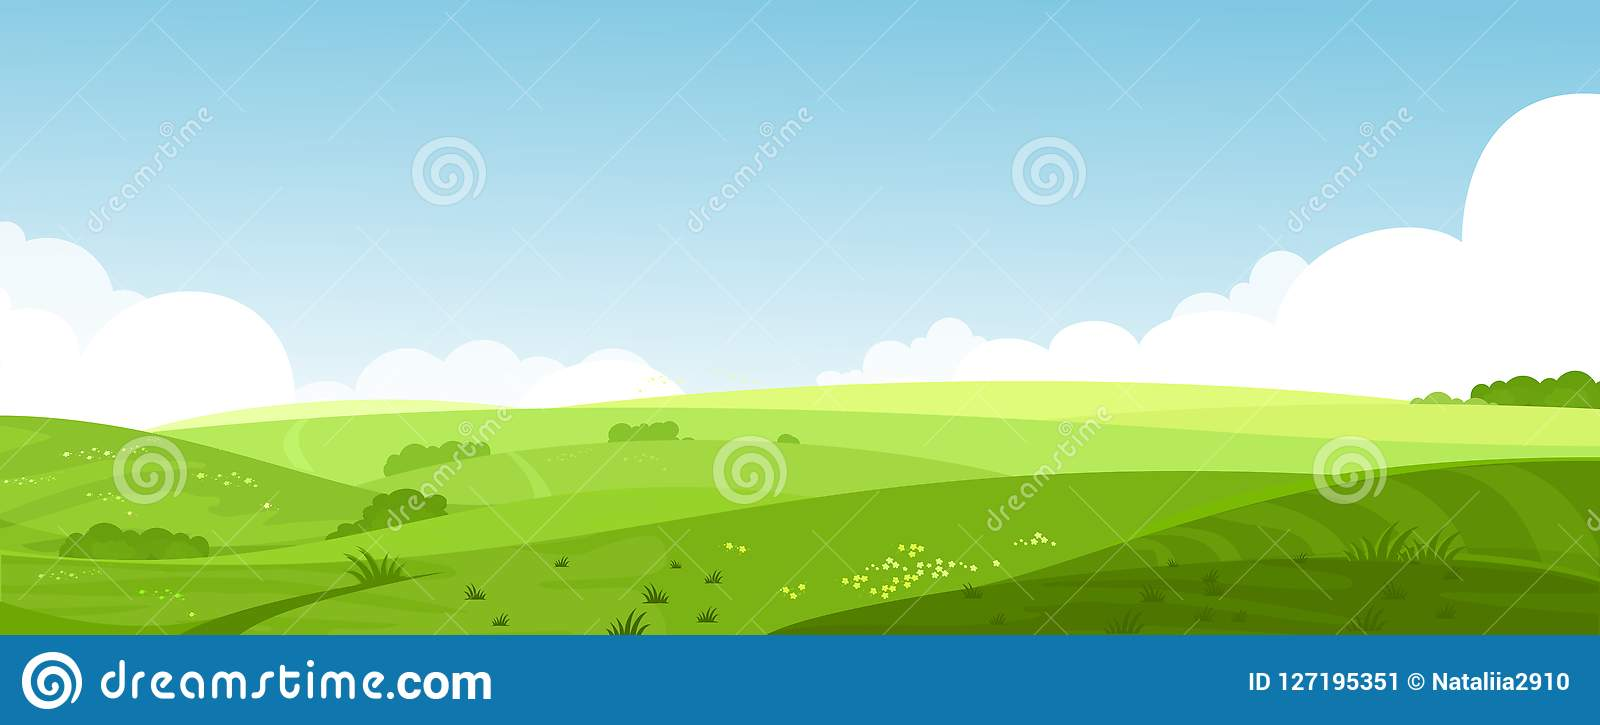 Vektorillustration des schönen Sommers fängt Landschaft mit einer Dämmerung, grüne Hügel, helle Farbblauer Himmel, Land auf